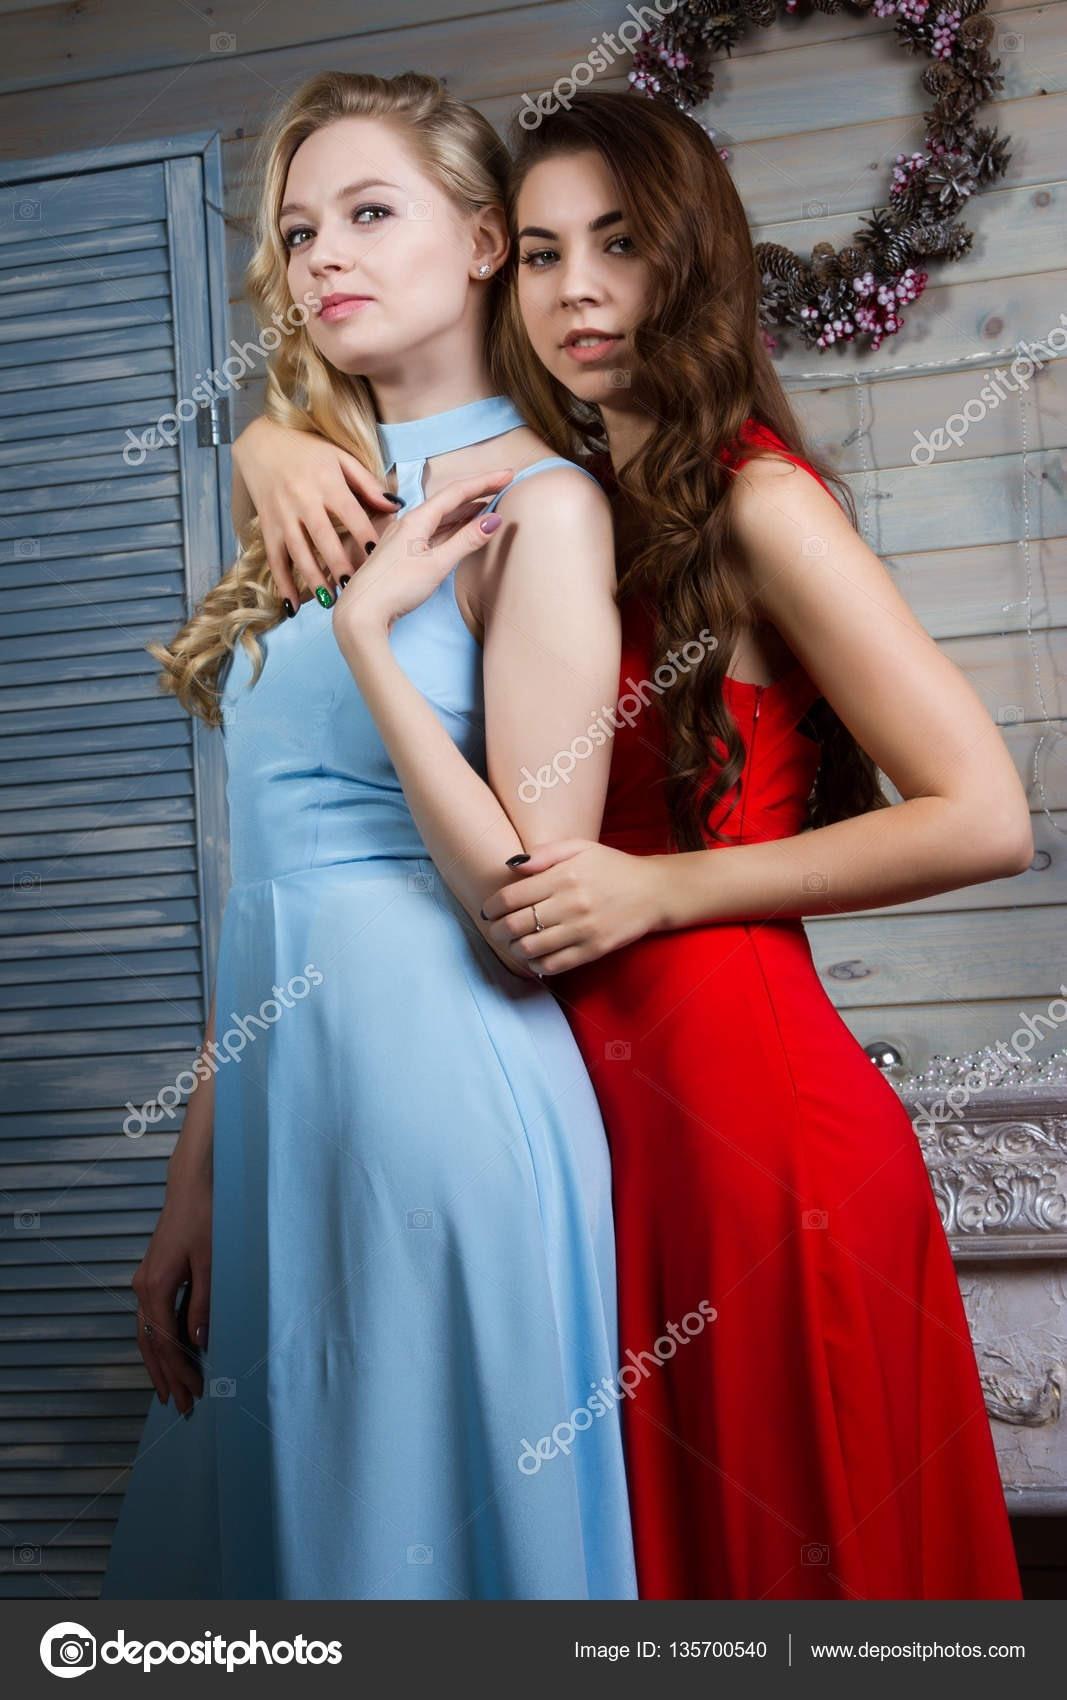 Designer Fantastisch Abendkleider Junge Frauen DesignDesigner Erstaunlich Abendkleider Junge Frauen Spezialgebiet